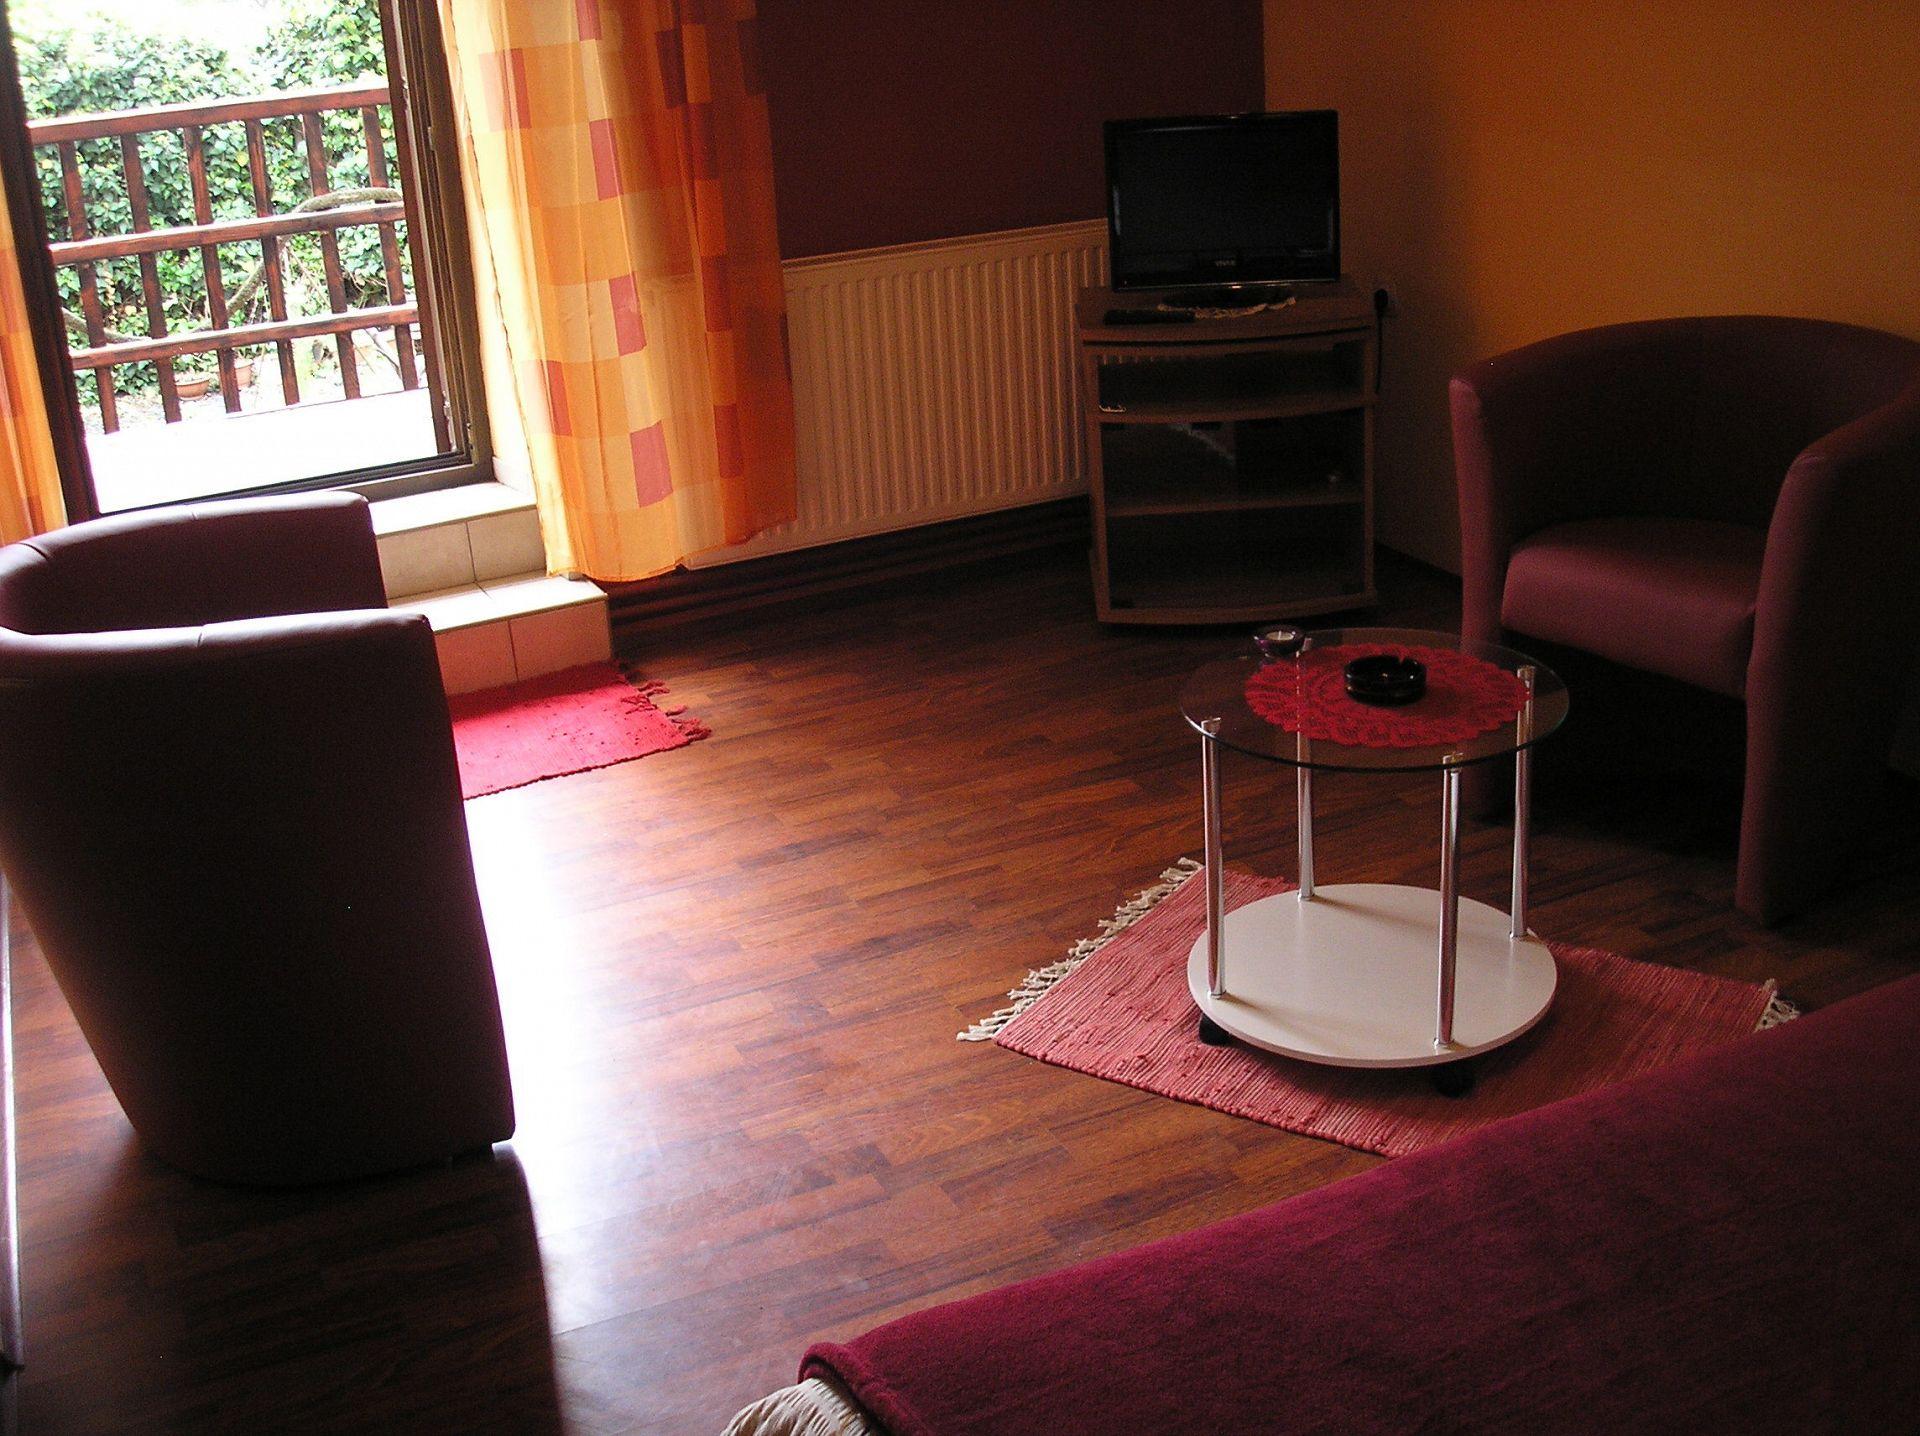 Zvonkic - Aljmas - Ferienwohnungen Kroatien - A(4): Tagesaufenthaltsraum